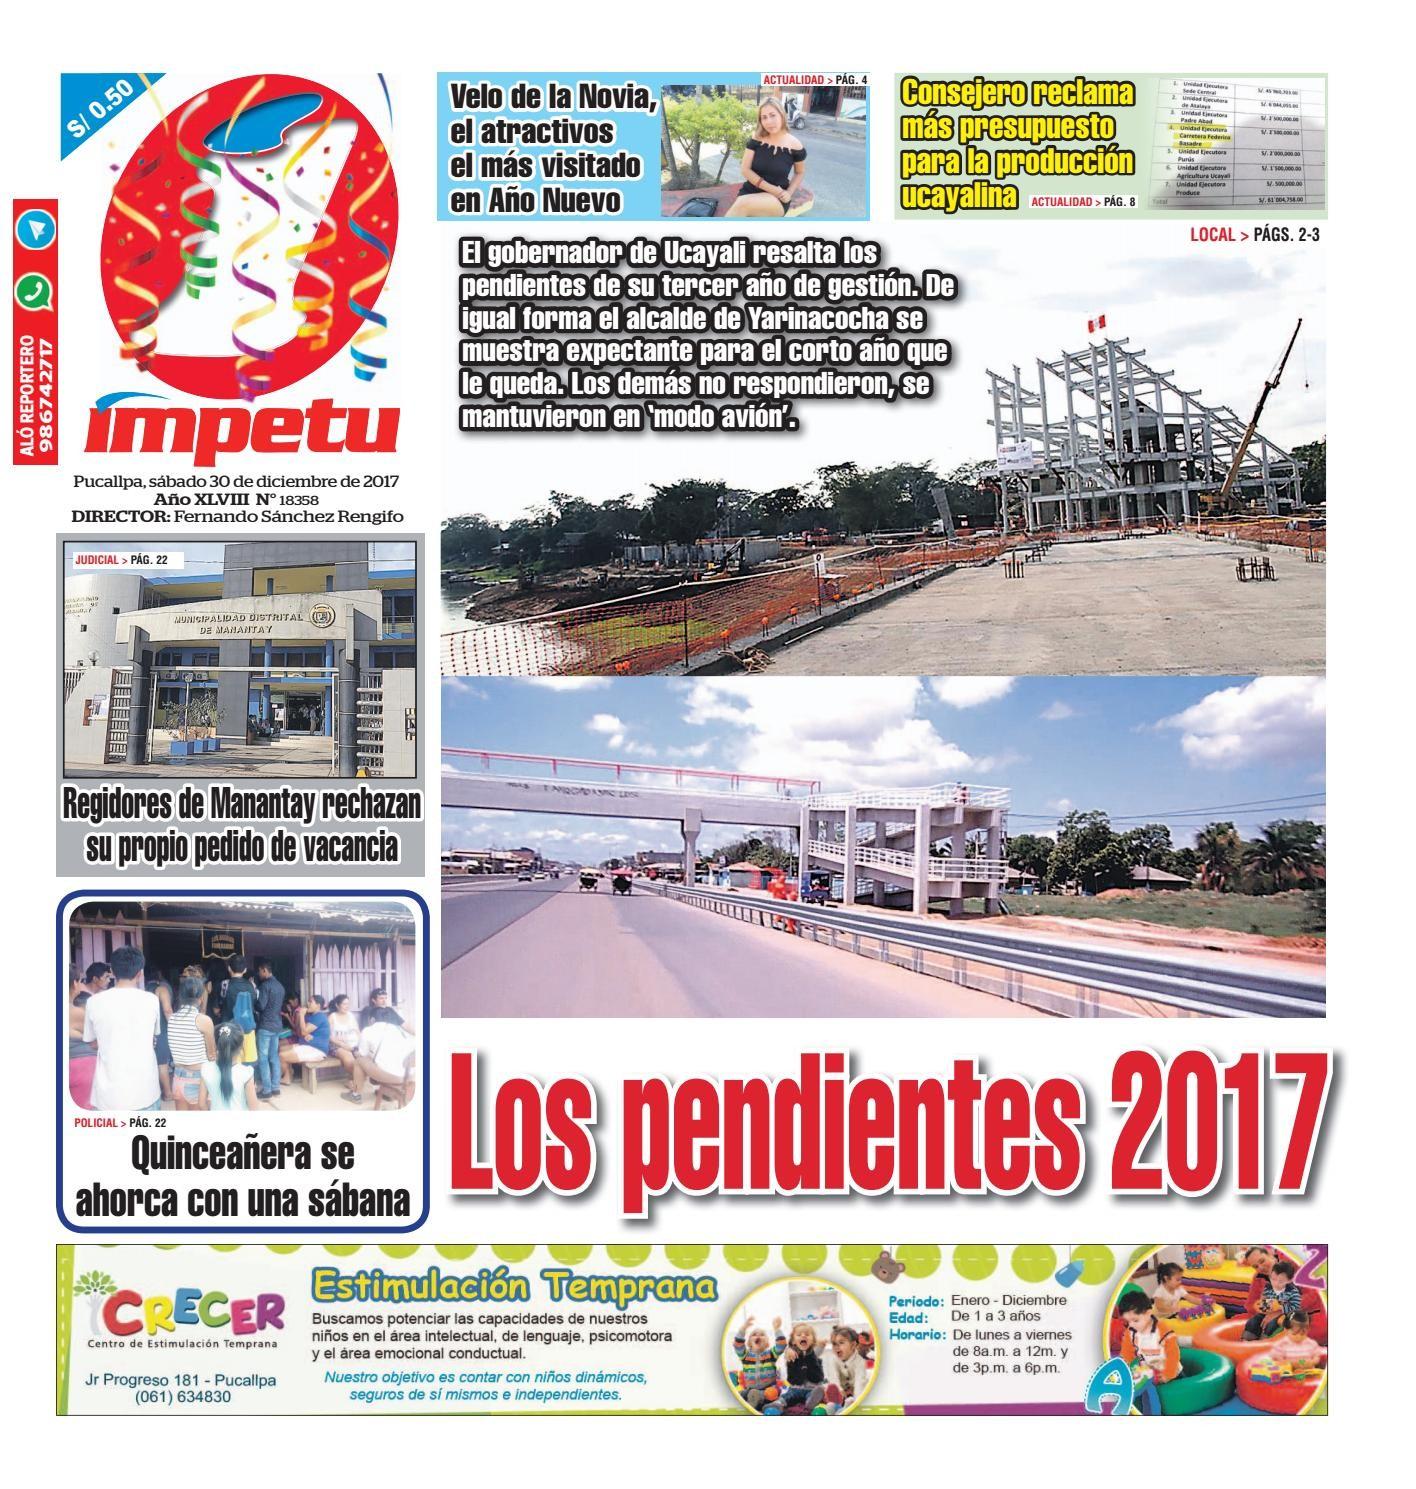 Calendario Laboral Barcelona 2019 Ideal Más Actual Impetu 30 De Diciembre De 2017 by Diario mpetu issuu